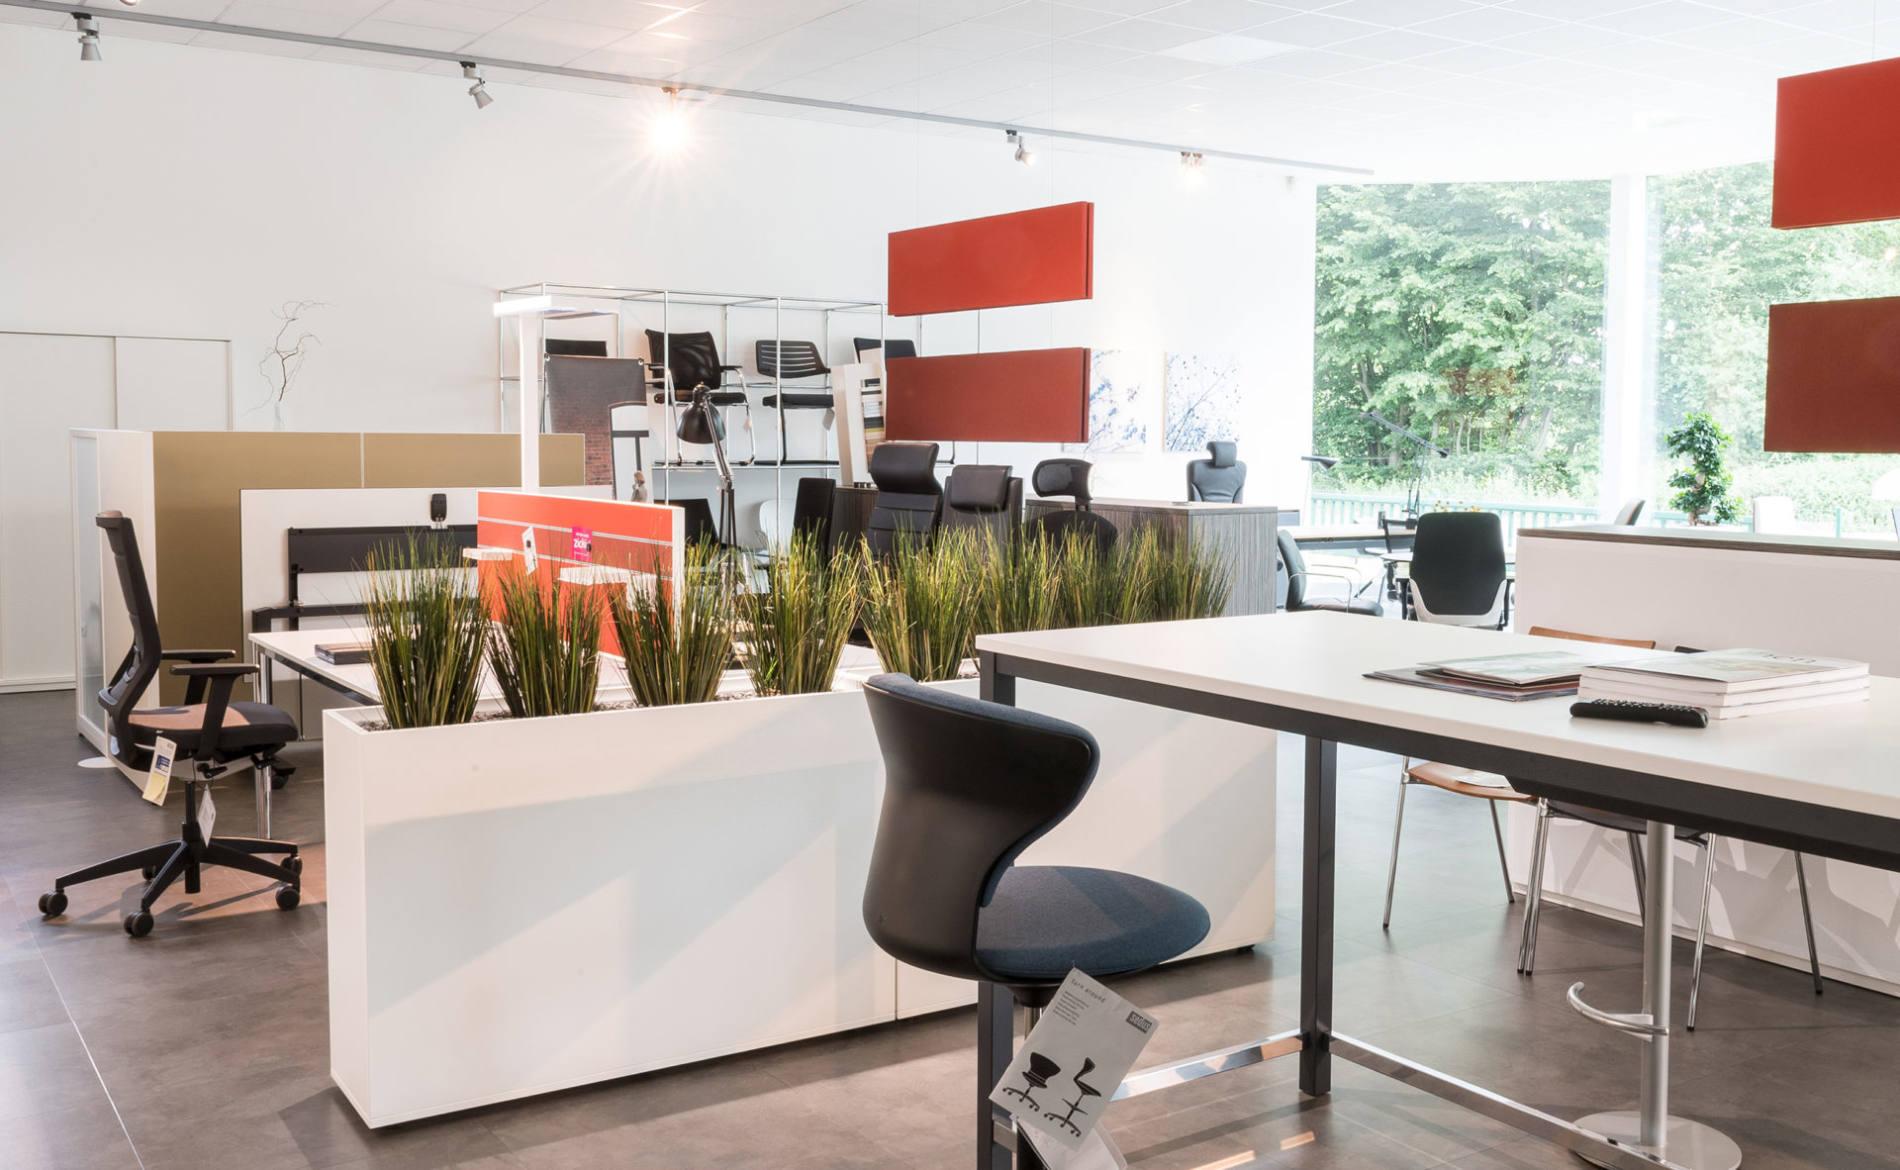 Stehtisch für Besprechungen und Pflanzkasten als Sichtschutz und Raumteiler (Palmberg)